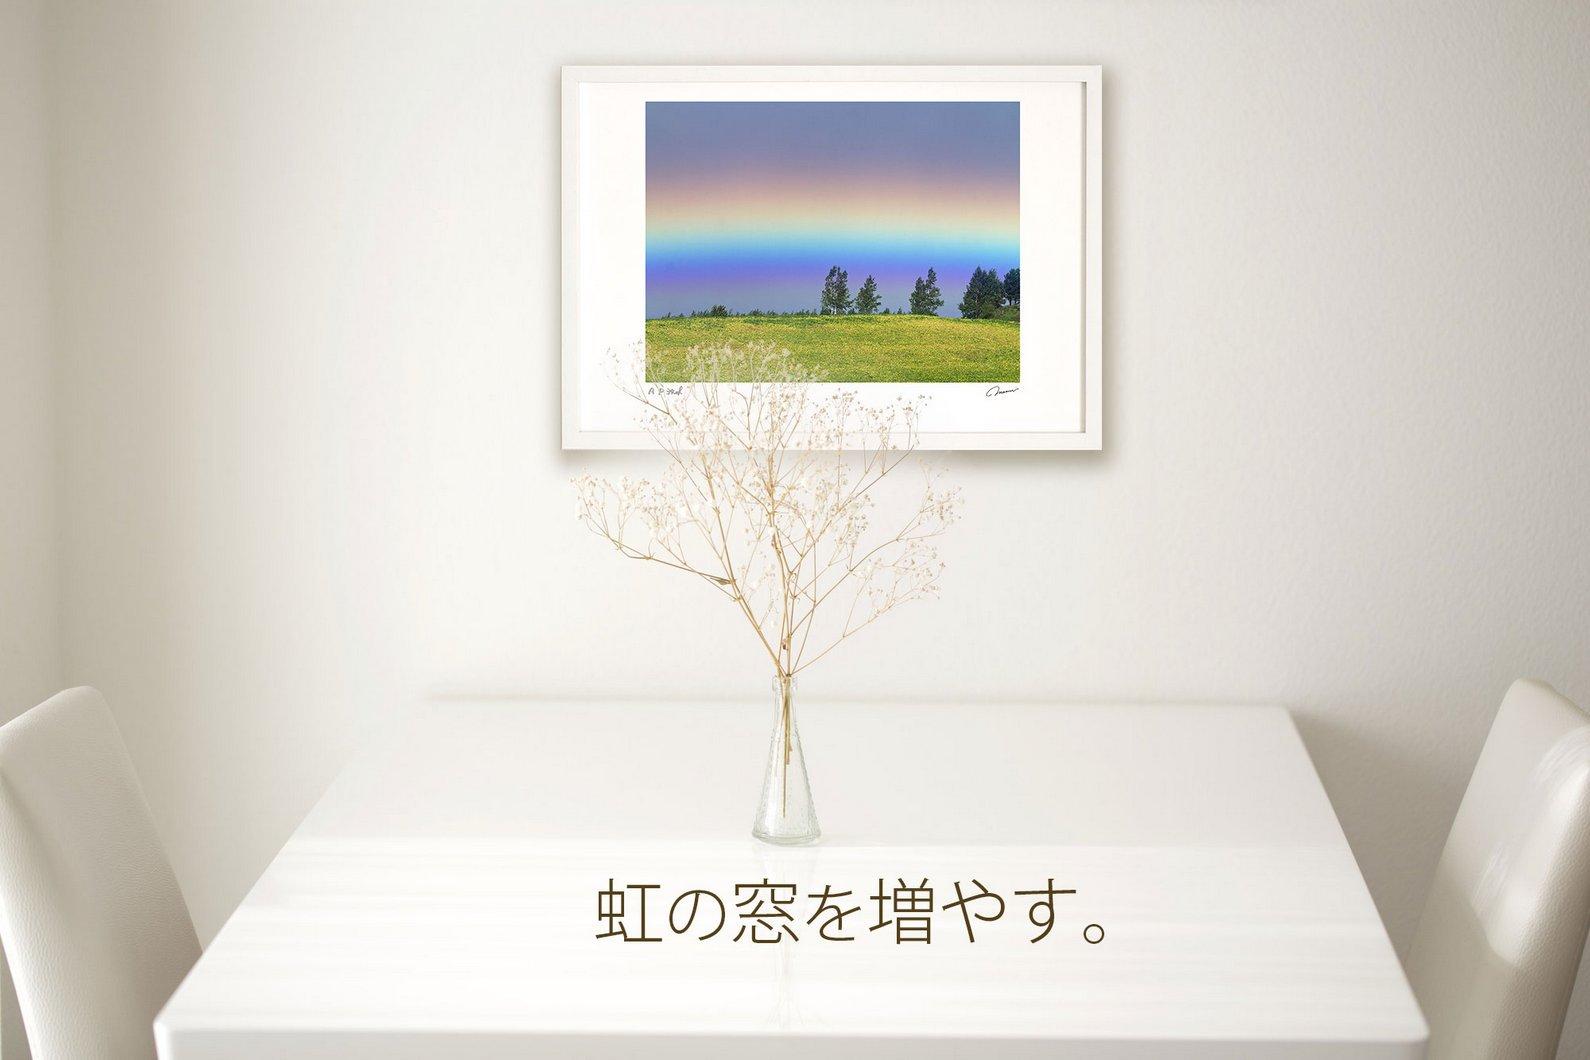 《アートフォト》キガラシ畑11/美瑛町〔富良野・高橋真澄〕(レンタル対象)